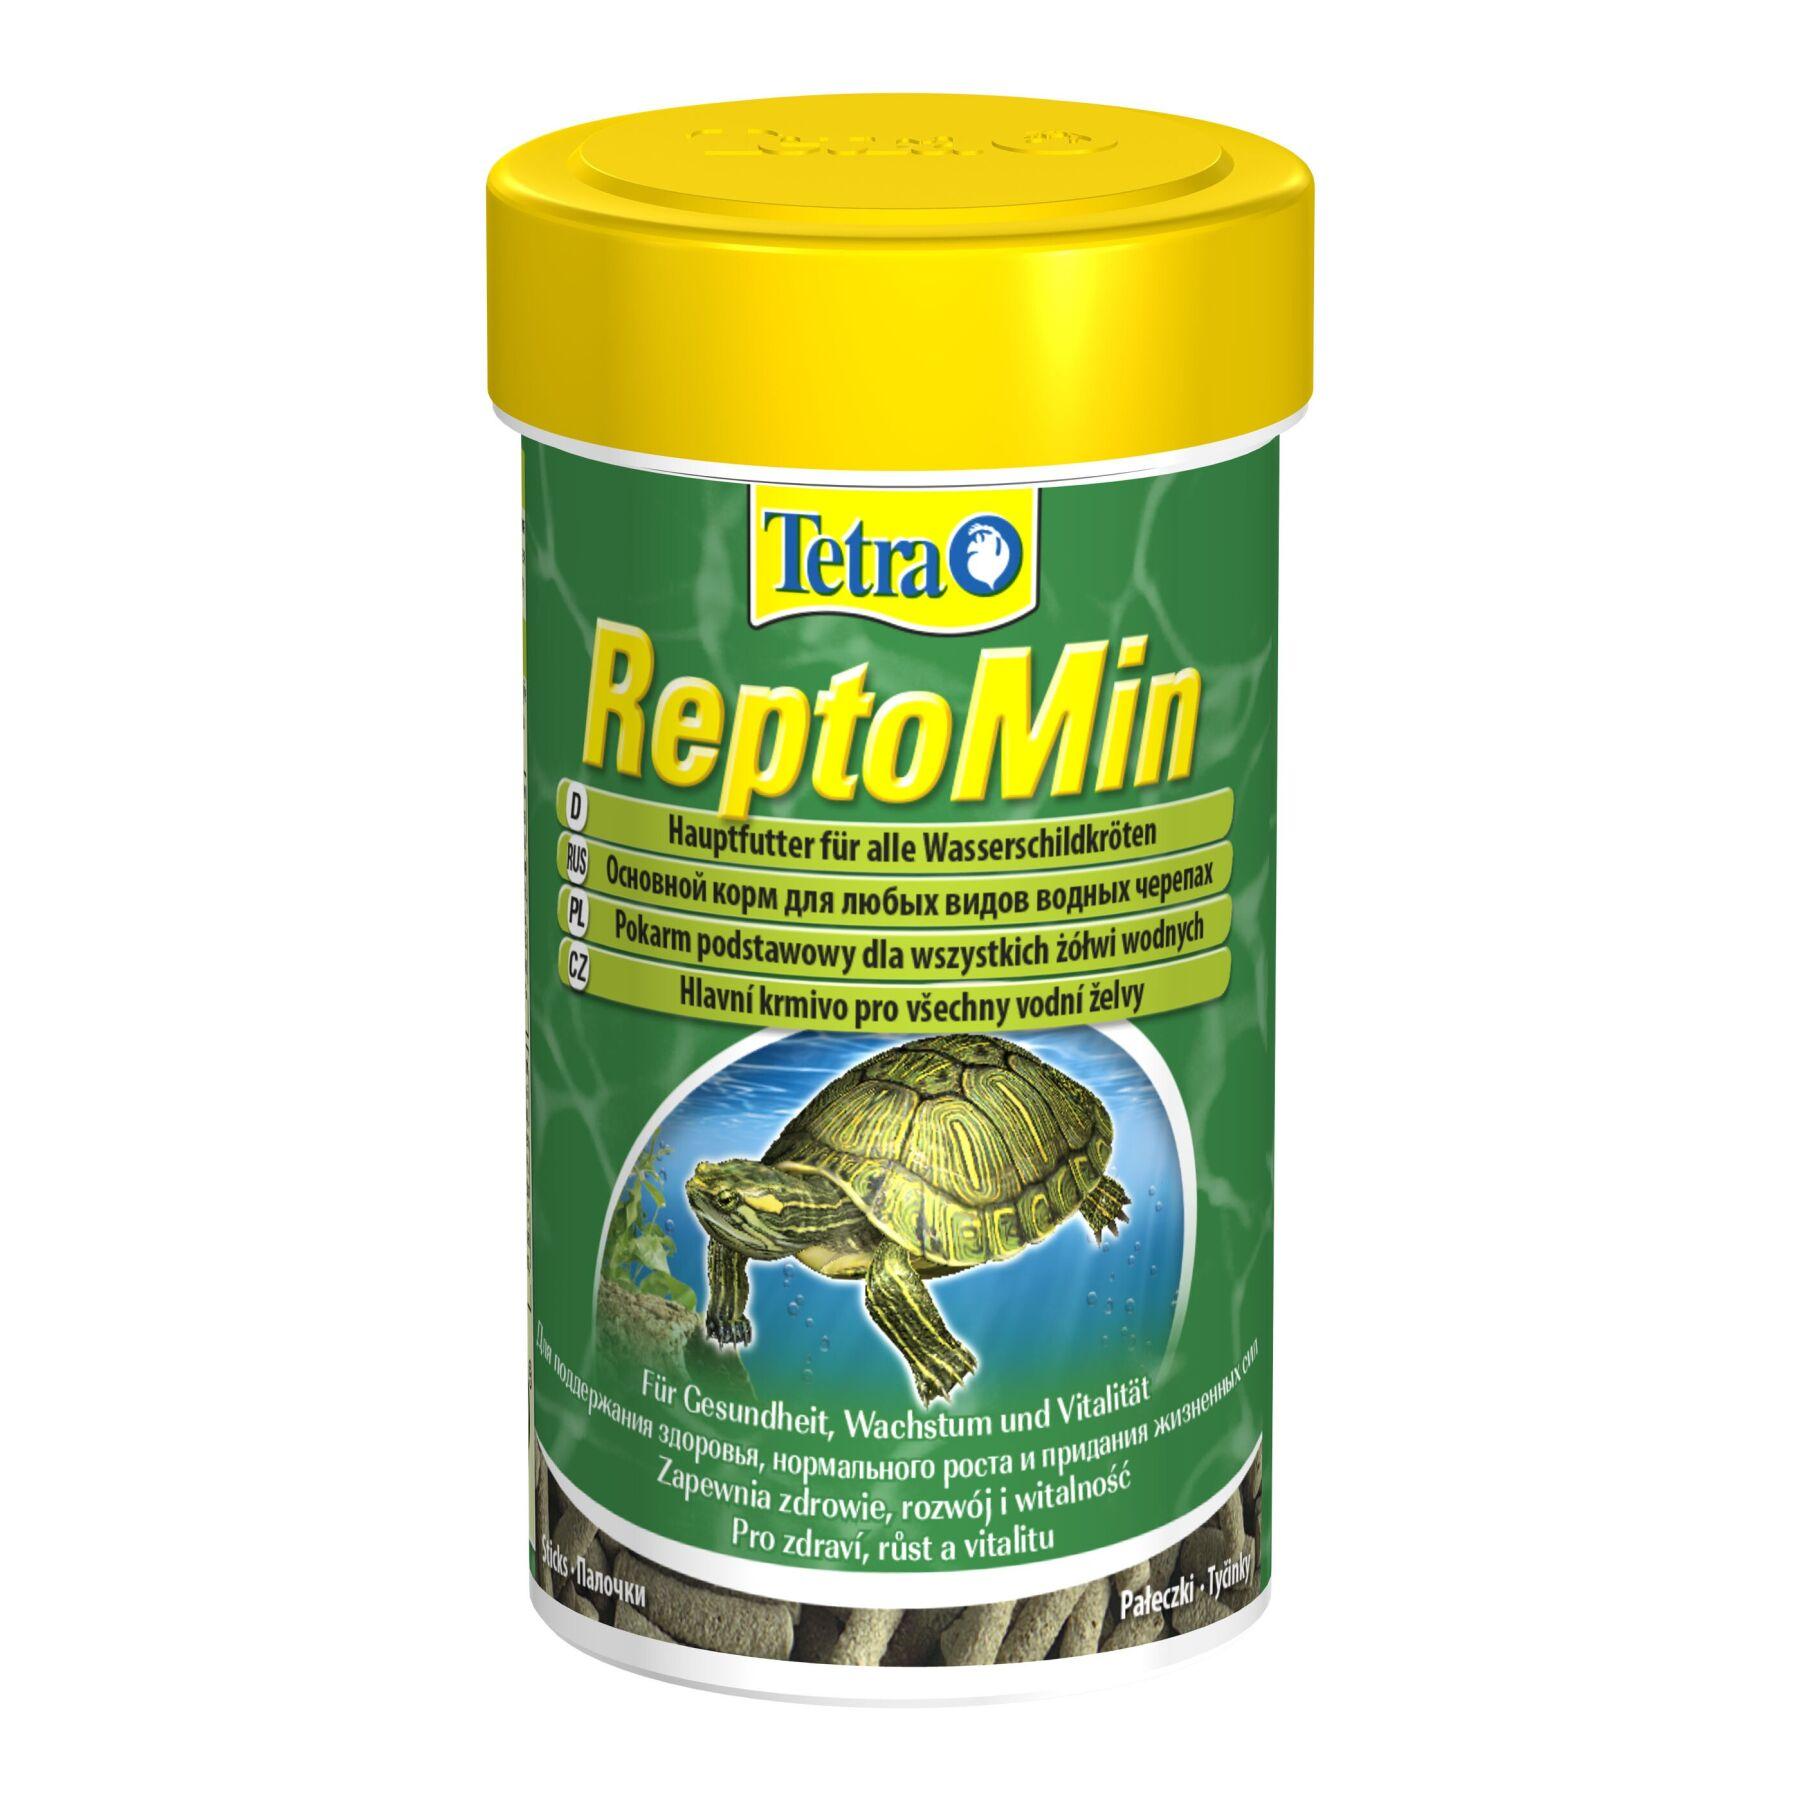 Введение лекарств - черепахи.ру - все о черепахах и для черепах